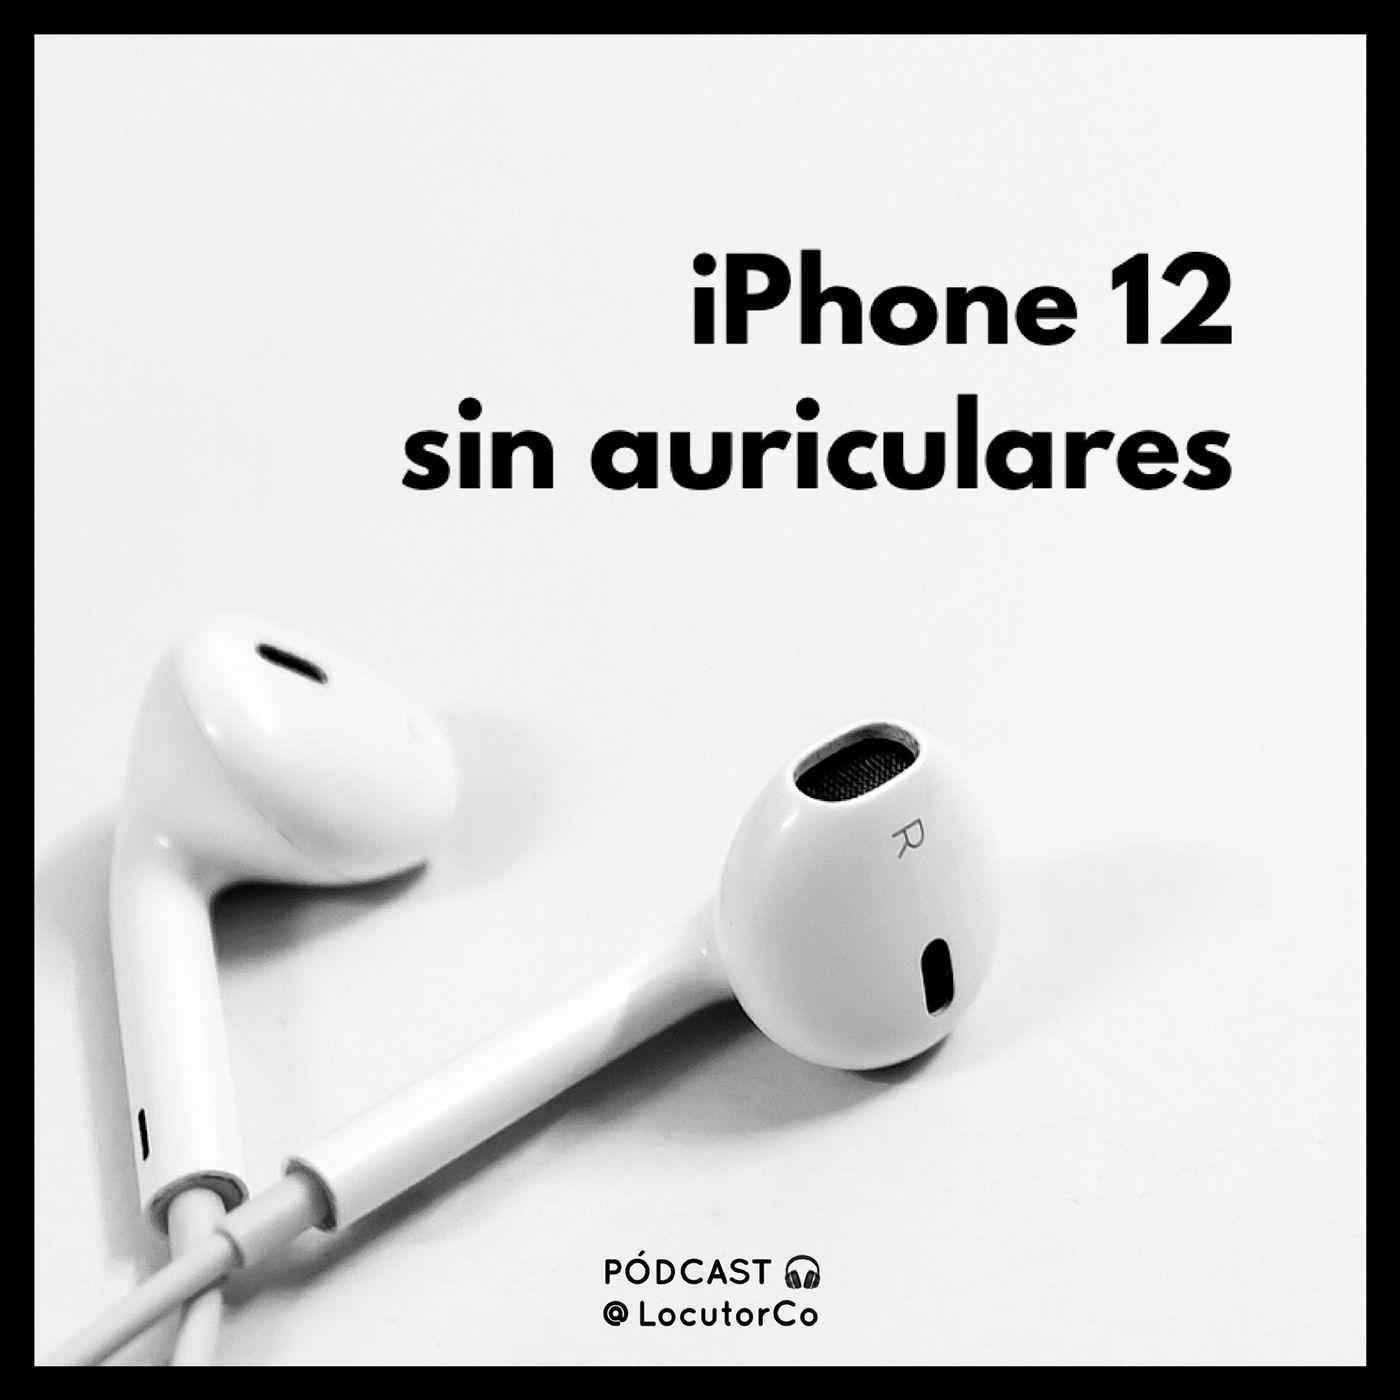 Los auriculares del iPhone 12 originales